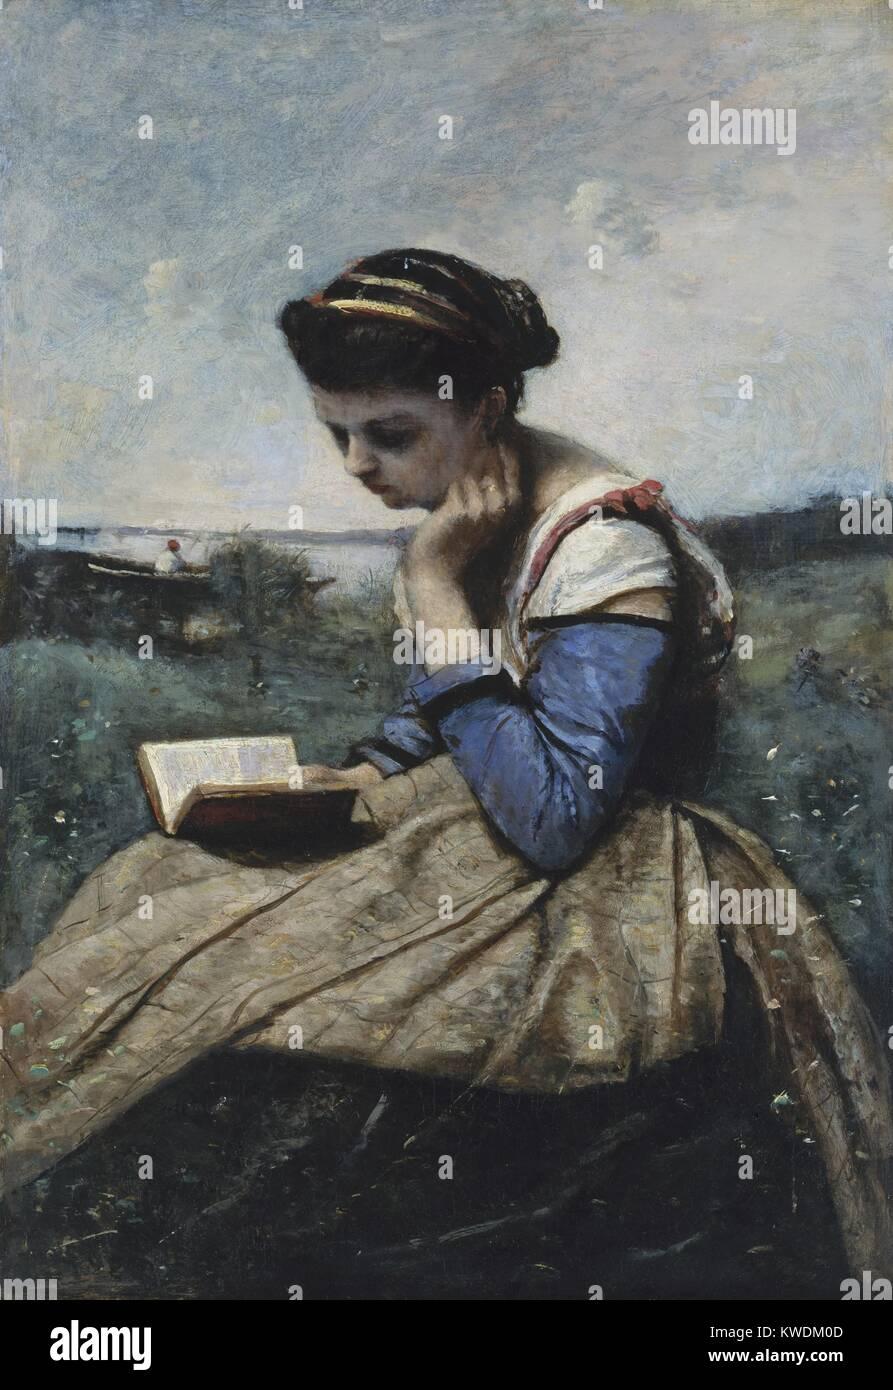 Eine Frau lesen, von Camille Corot, 1869-70, Französische Malerei, Öl auf Leinwand. Dies war die erste Stockbild